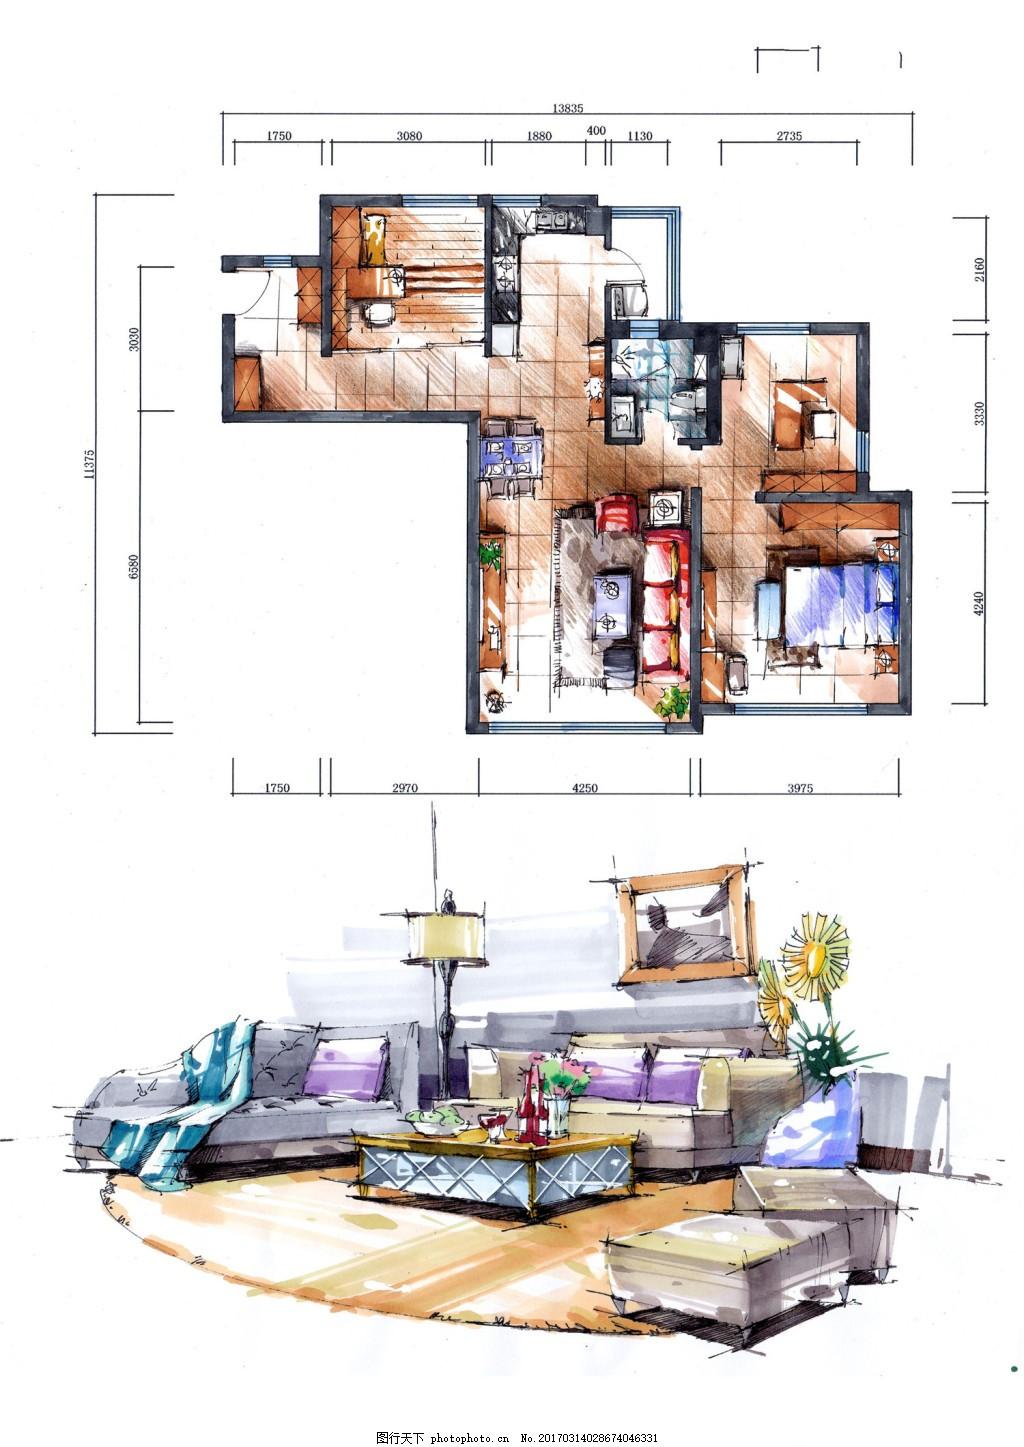 家装平面图 施工图 家装效果图免费下载 jpg 卧室 客厅 家具 欧式风格